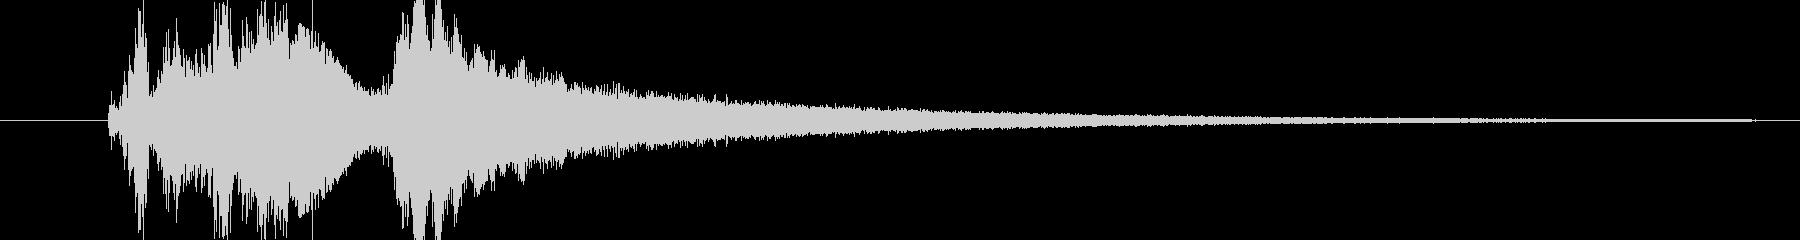 スペーススイープバージョン2の未再生の波形